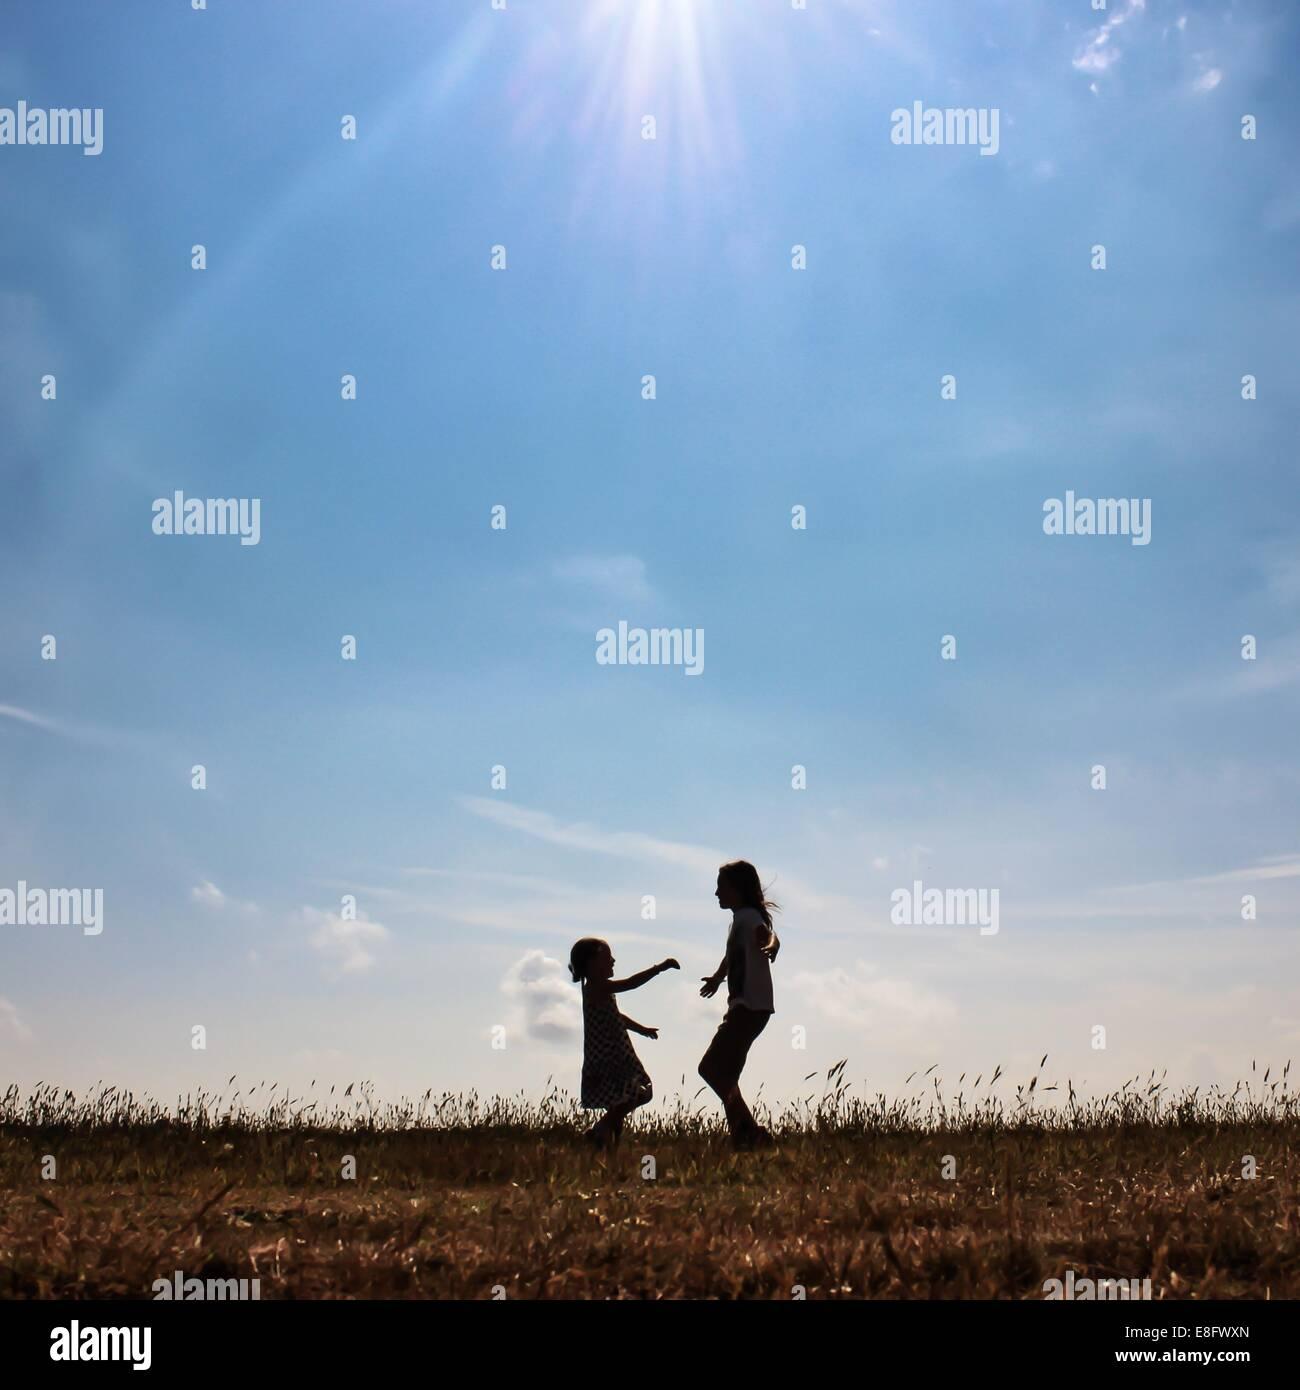 Silhouette de deux jeunes filles, jouant dans un pré Photo Stock